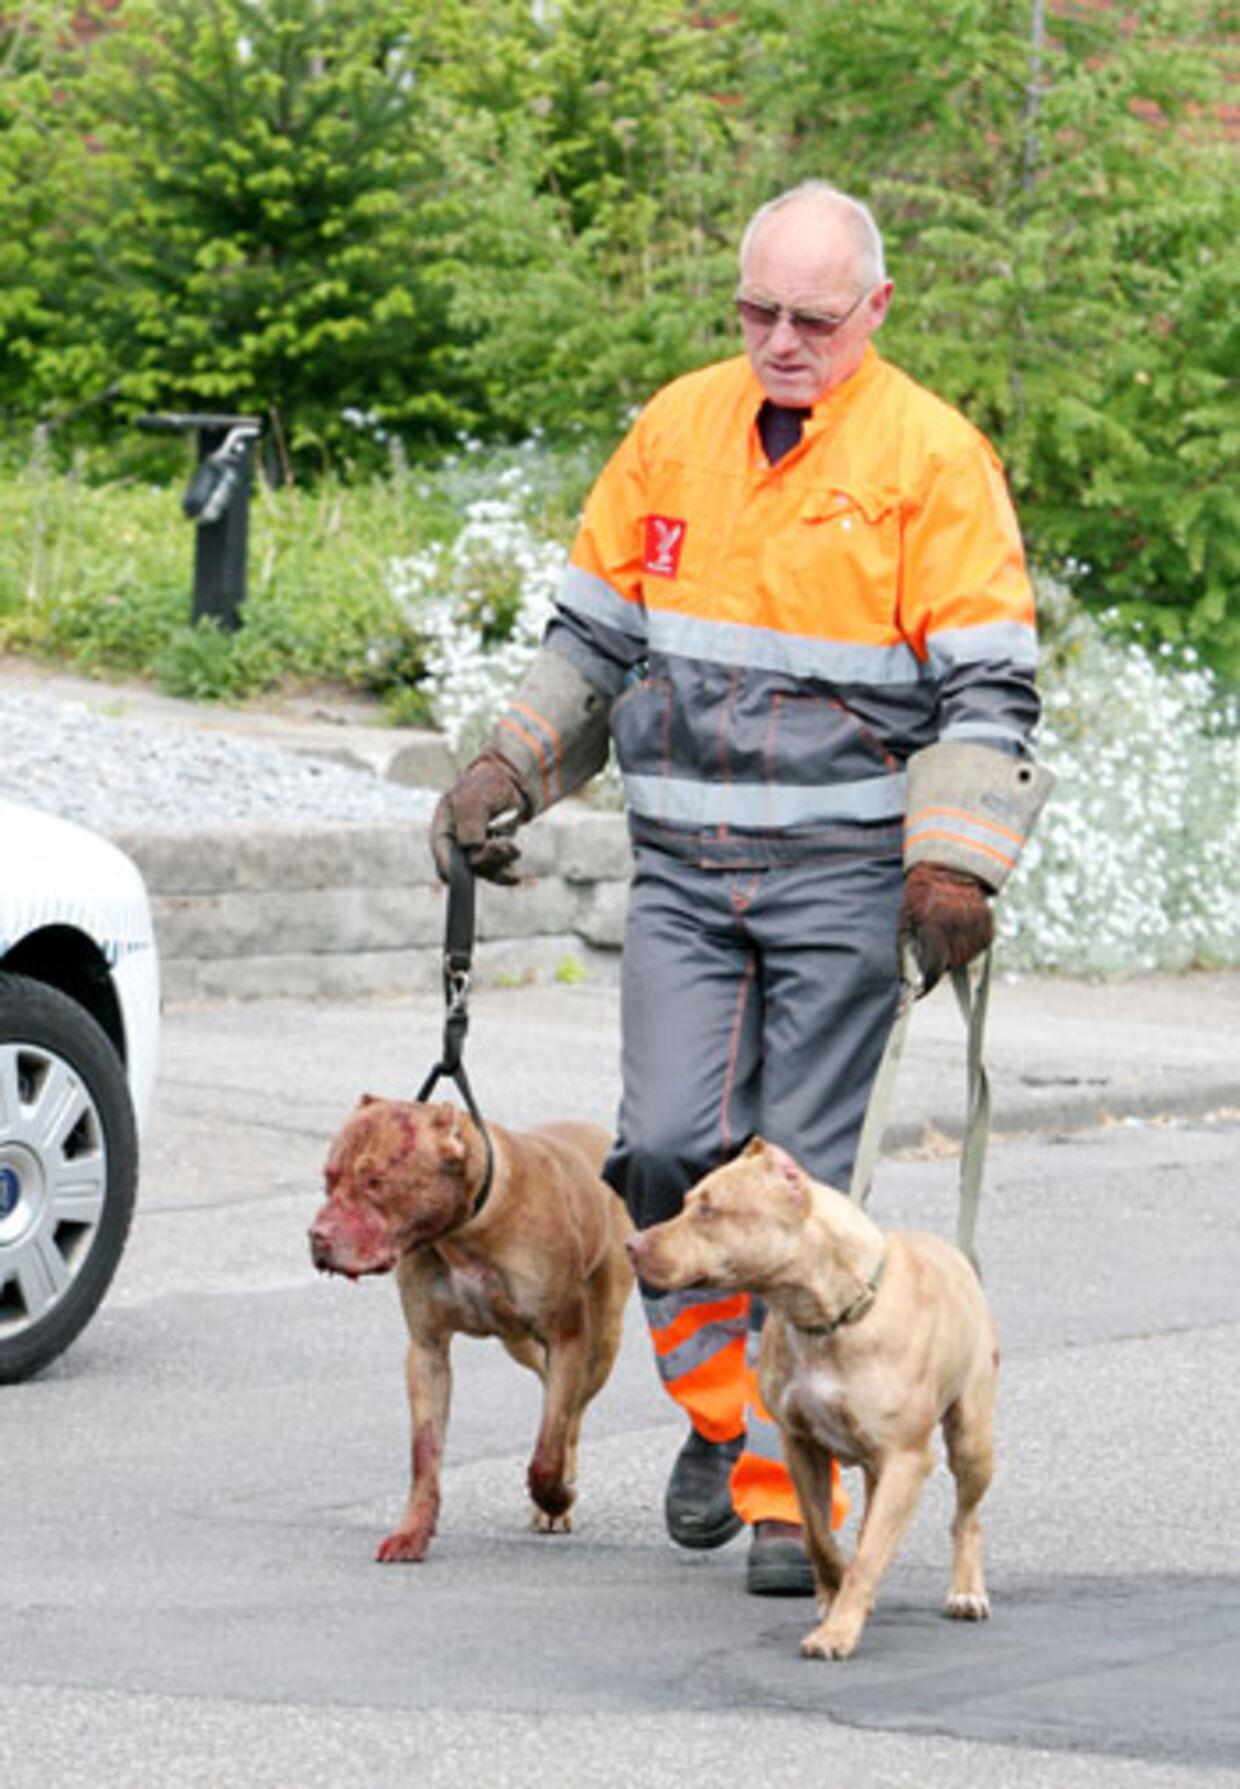 De to kamphunde føres bort af politiet efter at de har overfaldet en anden hund.